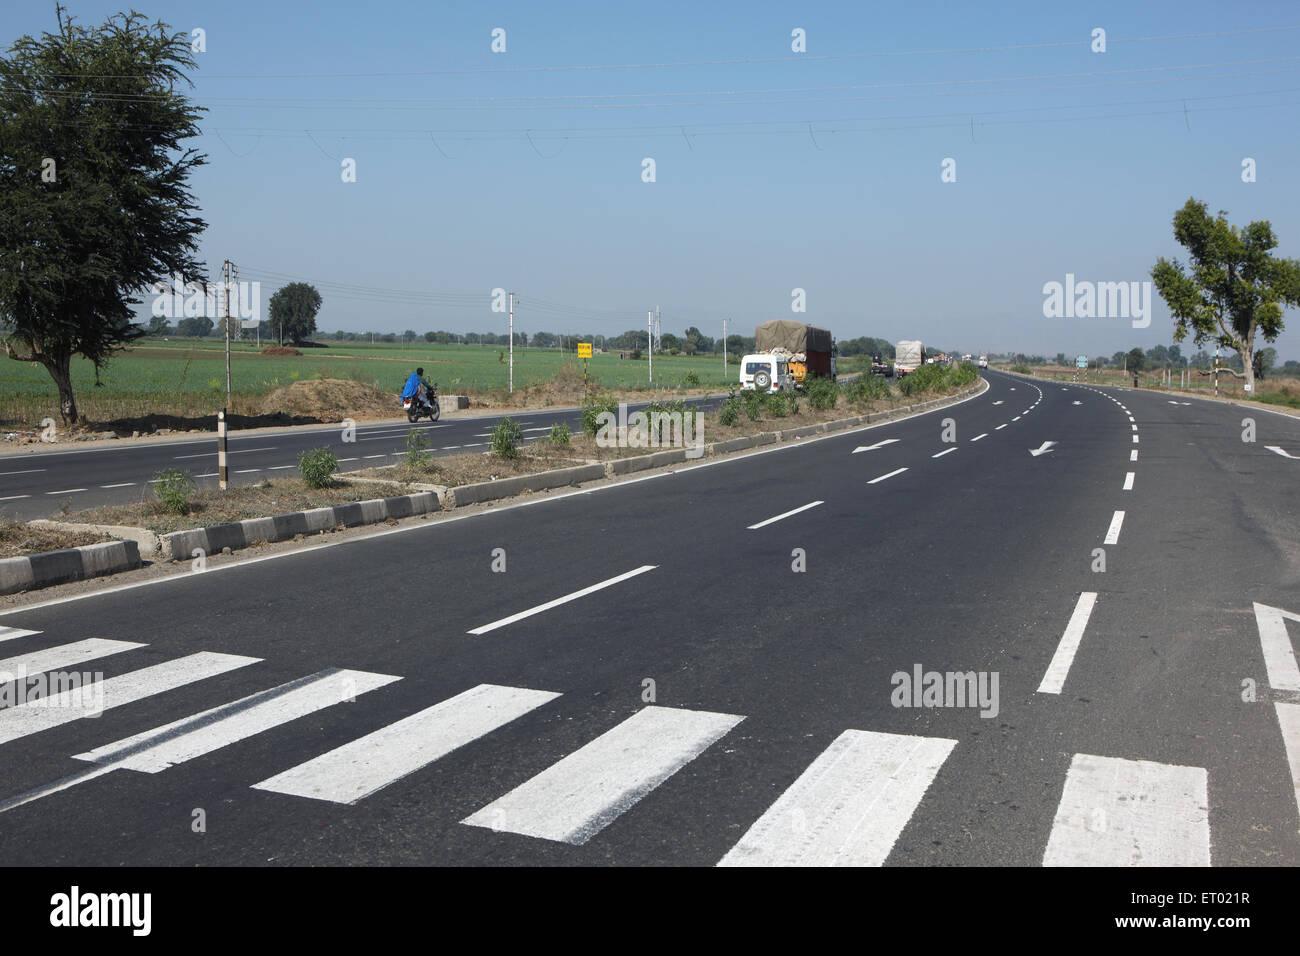 Fußgänger-Kreuzungen auf National Highway Nr. 3 Madhya Pradesh, Indien Stockbild